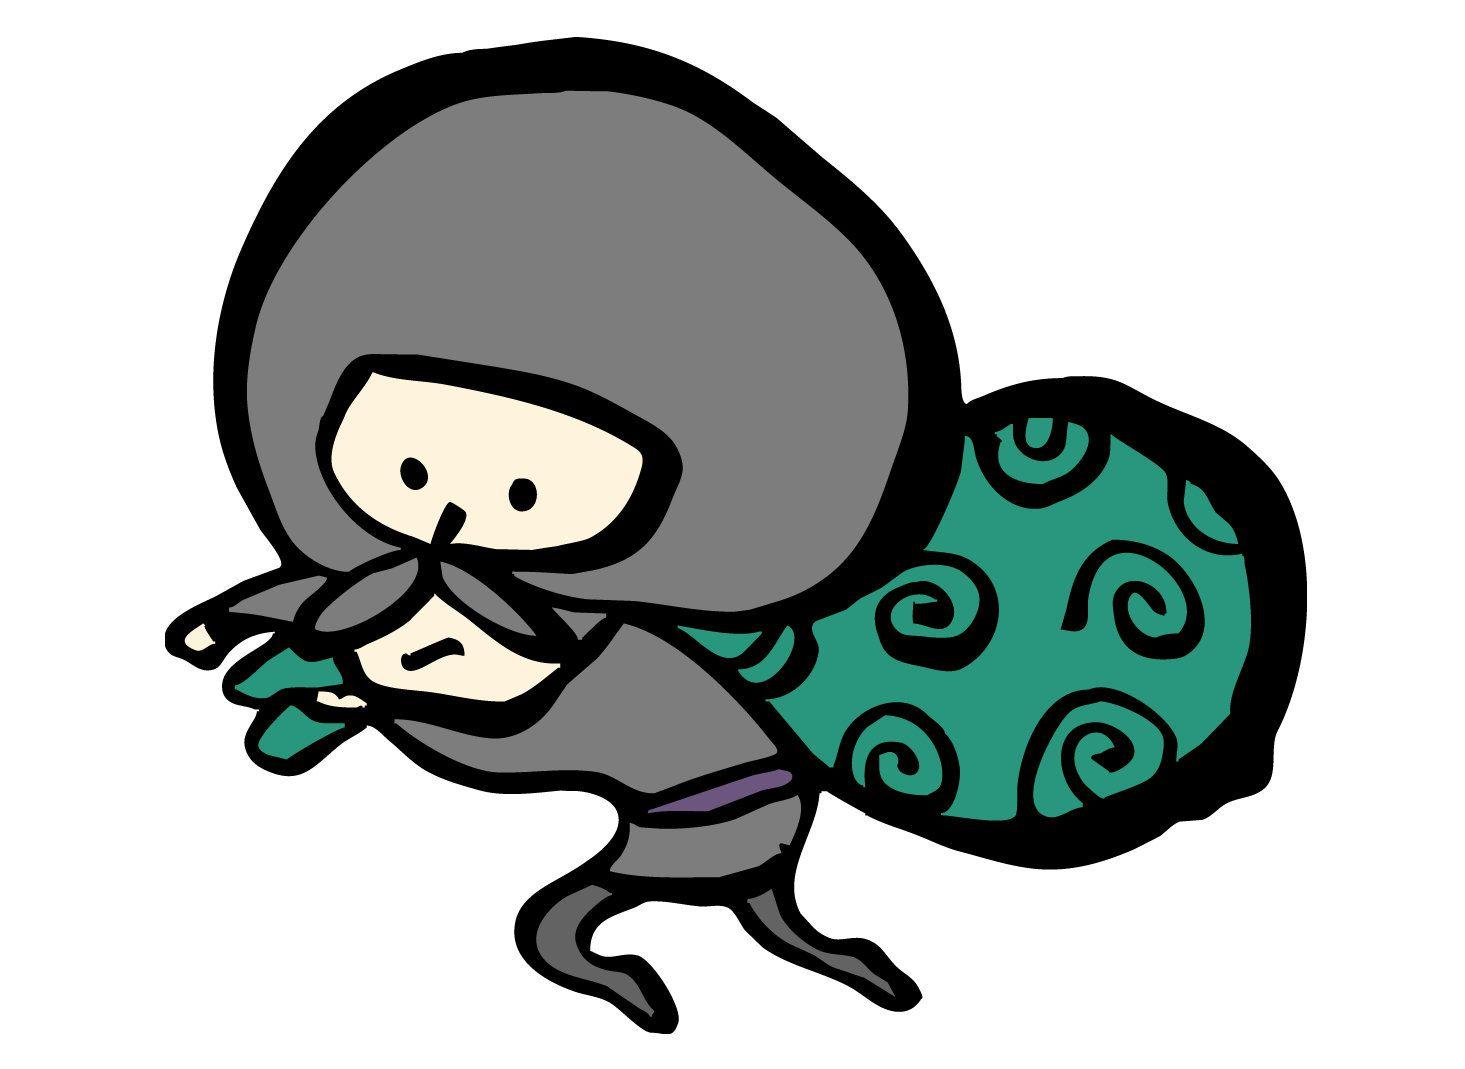 泥棒が盗品を包んで背負っているのは、何故唐草模様の風呂敷?